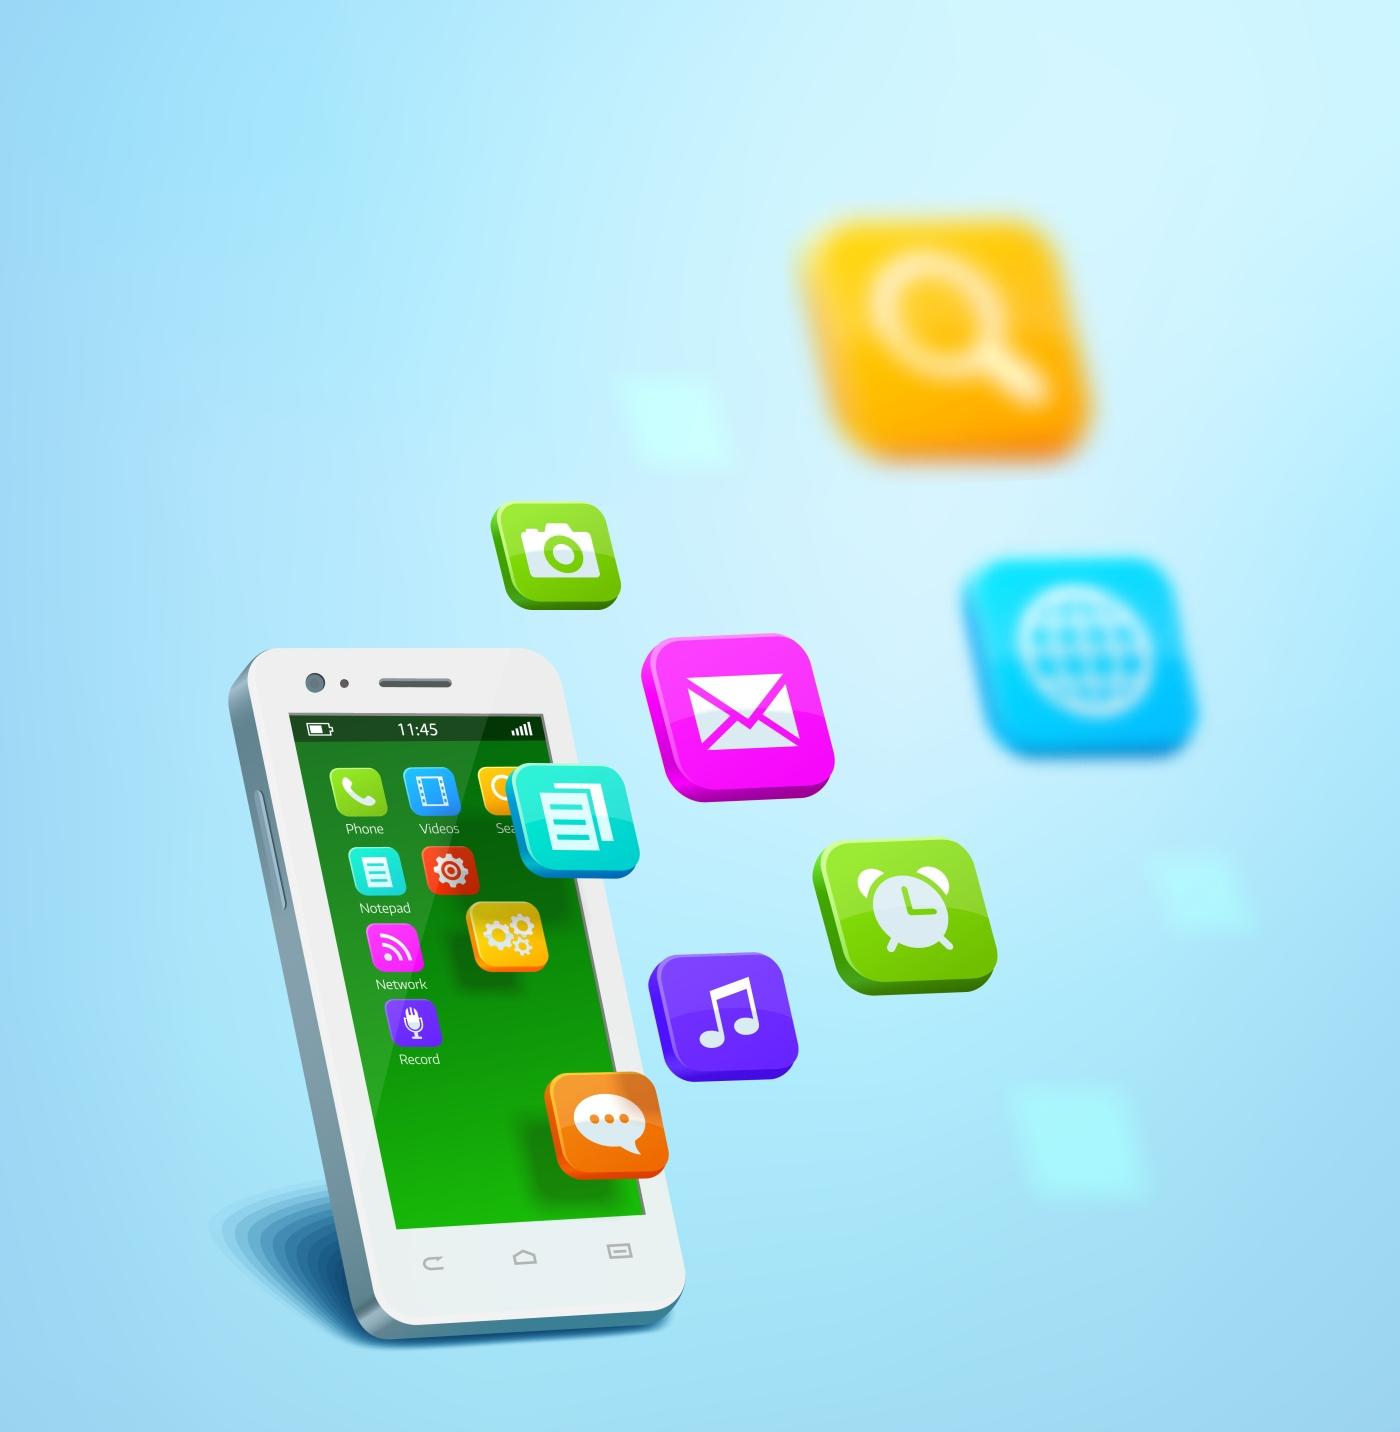 mobiilisovelluksia-vai-webappseja